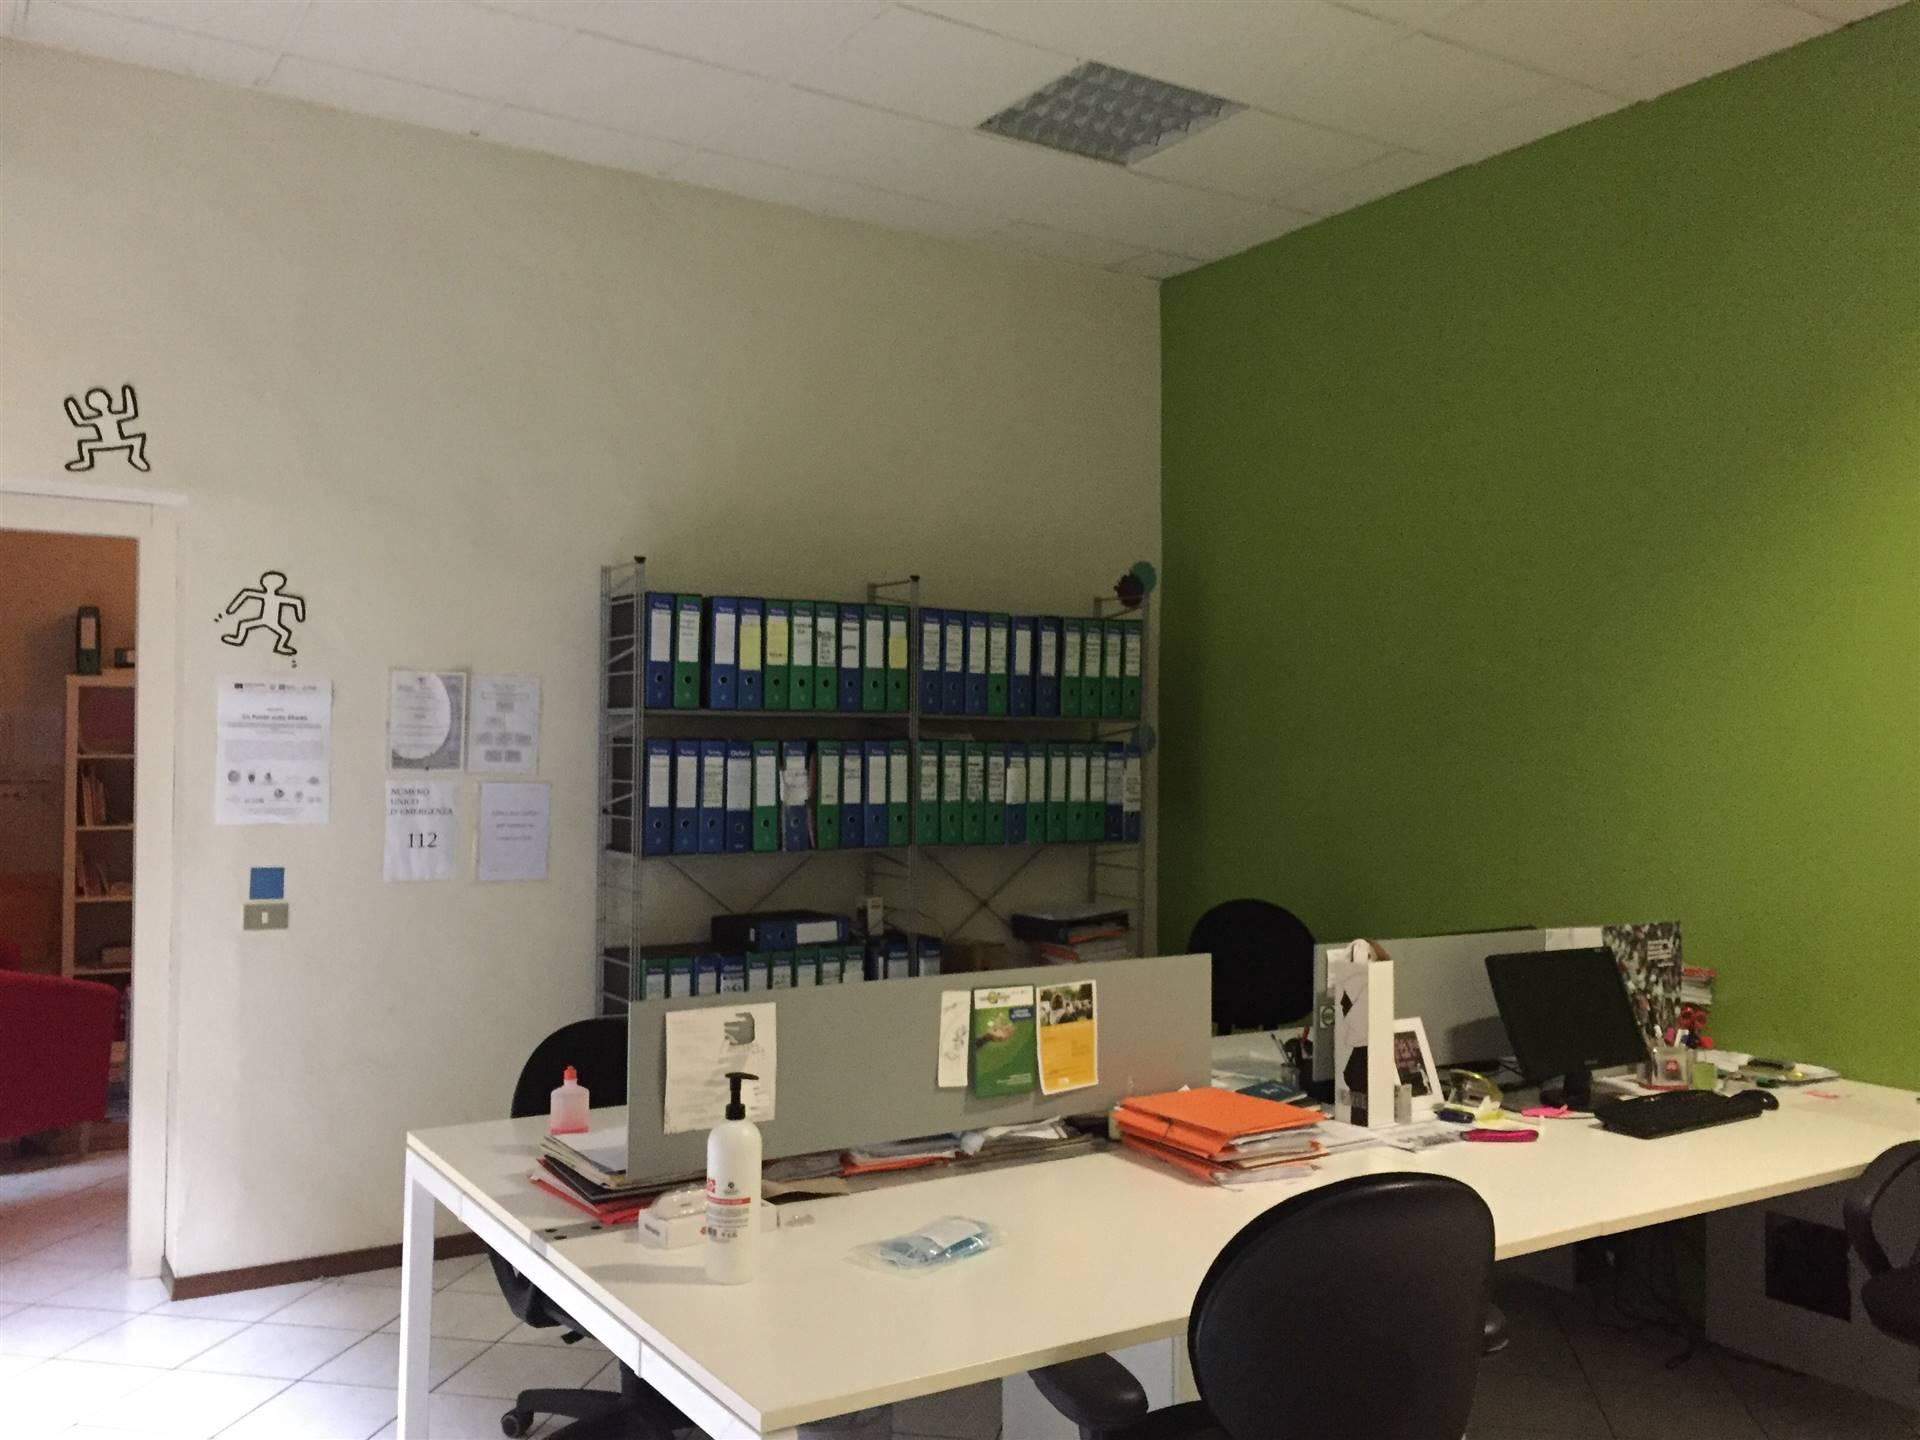 Ufficio / Studio in affitto a Lodi, 2 locali, zona Zona: Centro, prezzo € 7.200 | CambioCasa.it